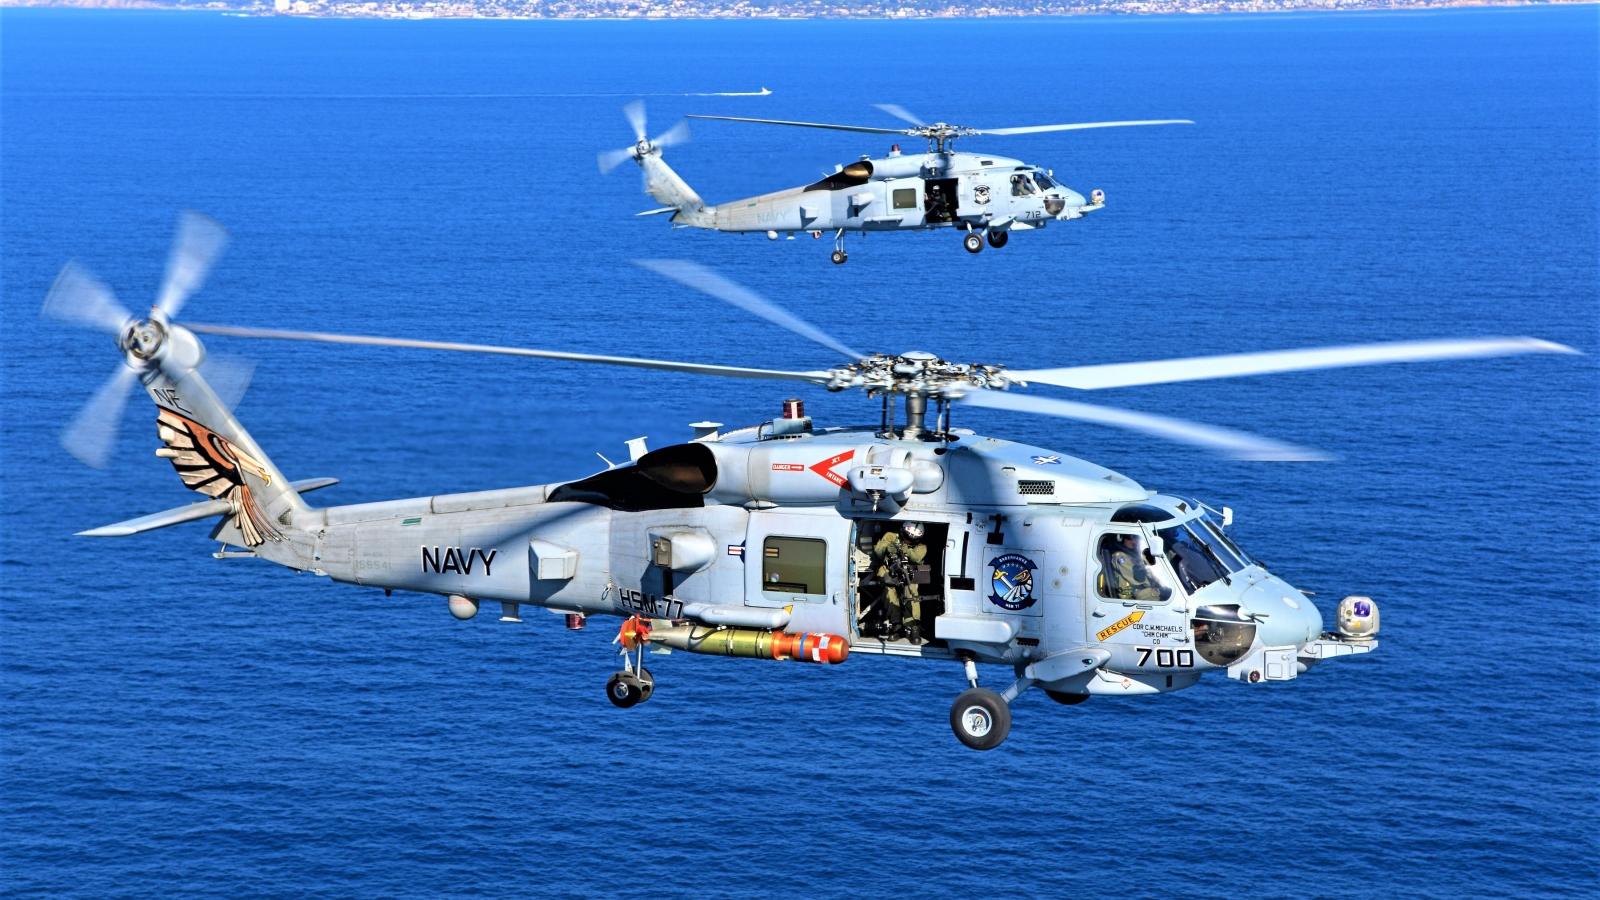 Sau tàu ngầm hạt nhân, Mỹ chấp thuận bán trực thăng săn ngầm cho Australia